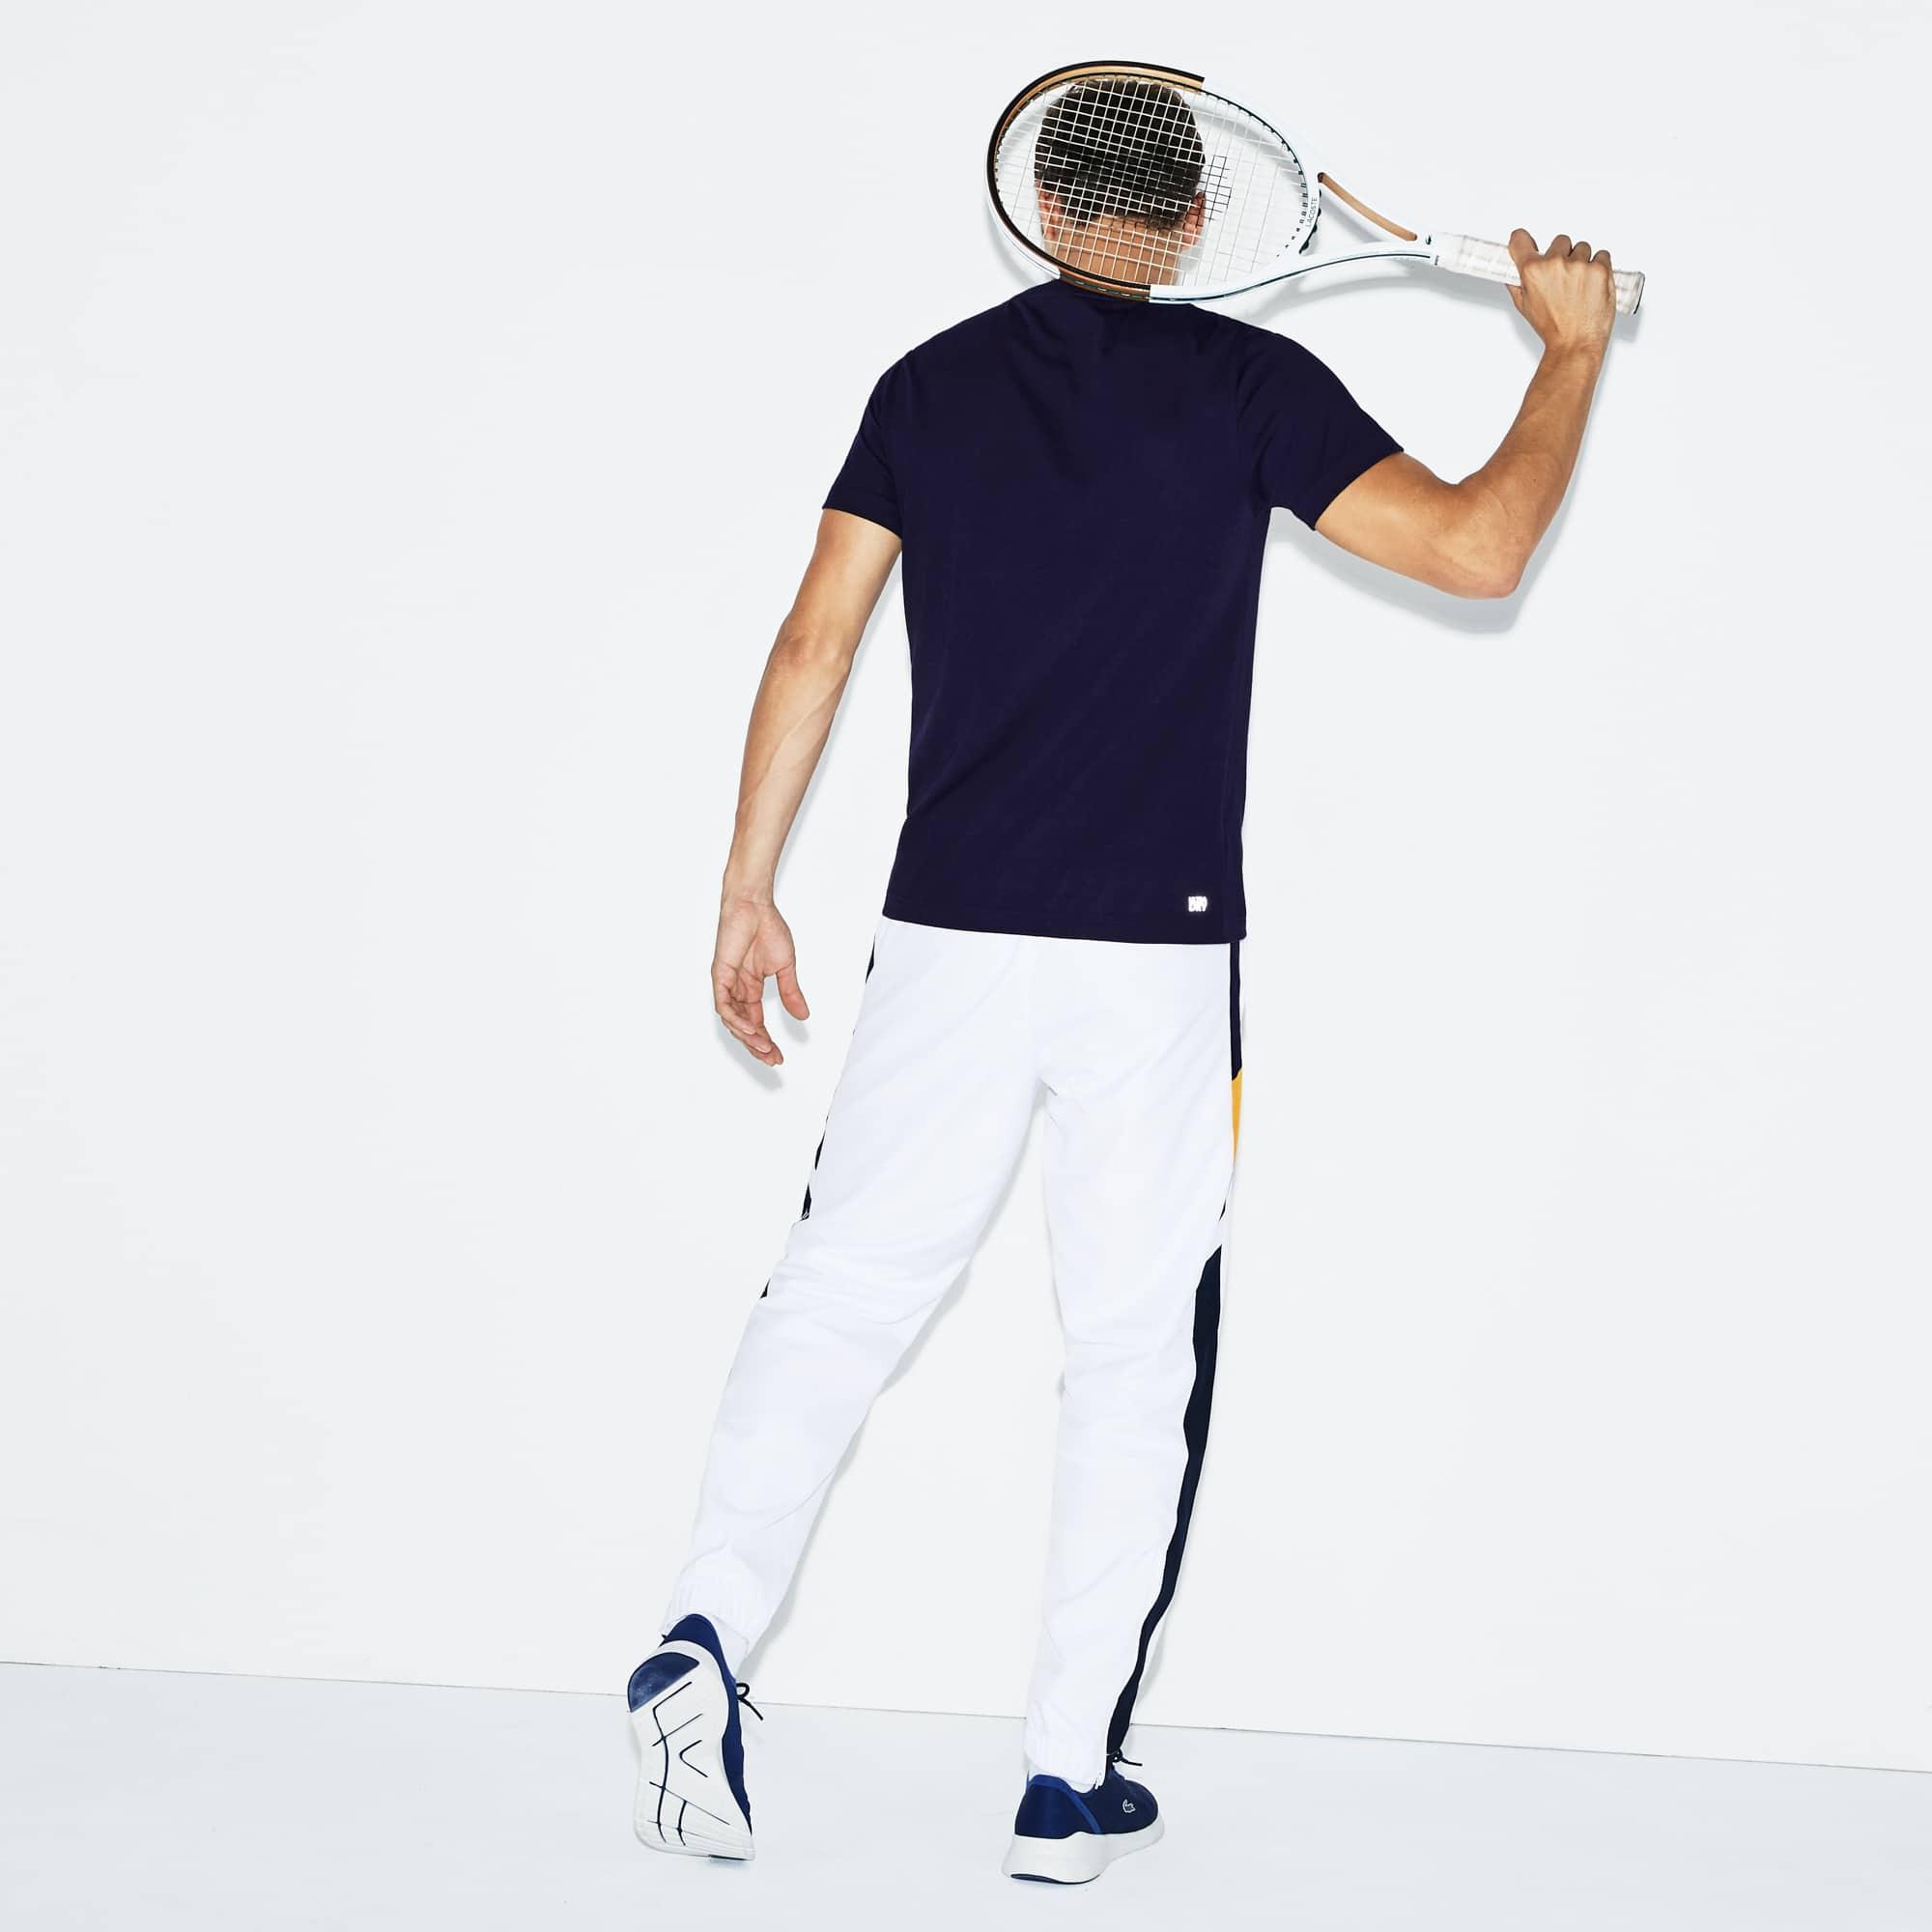 Lacoste - Herren LACOSTE SPORT Game Time Rundhals Tennis T-Shirt aus Jersey - 2